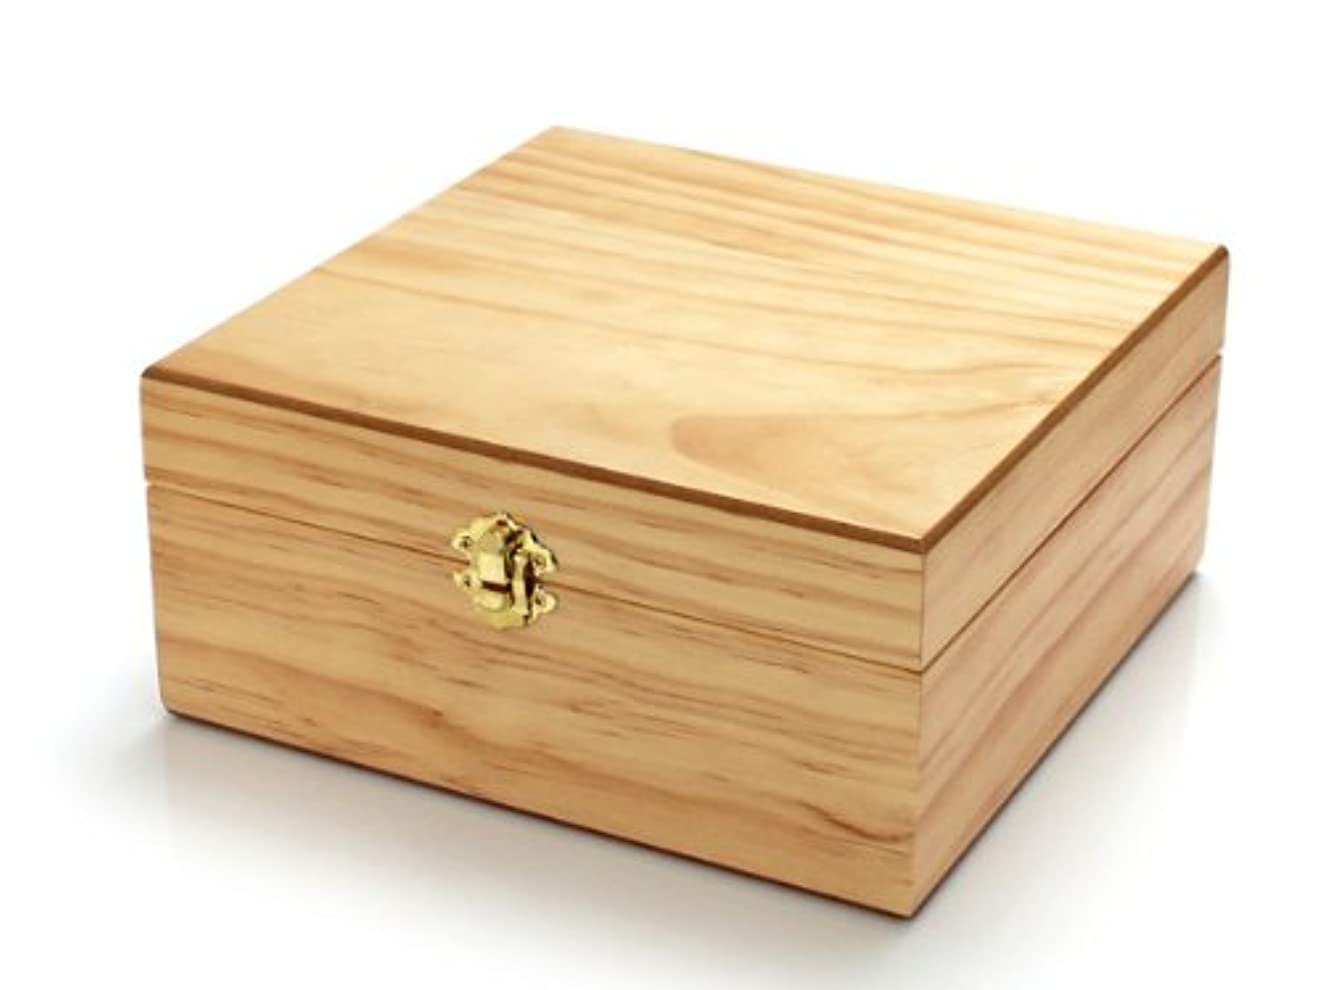 メトロポリタンシーズン環境保護主義者エッセンシャルオイル収納ボックス 35本用